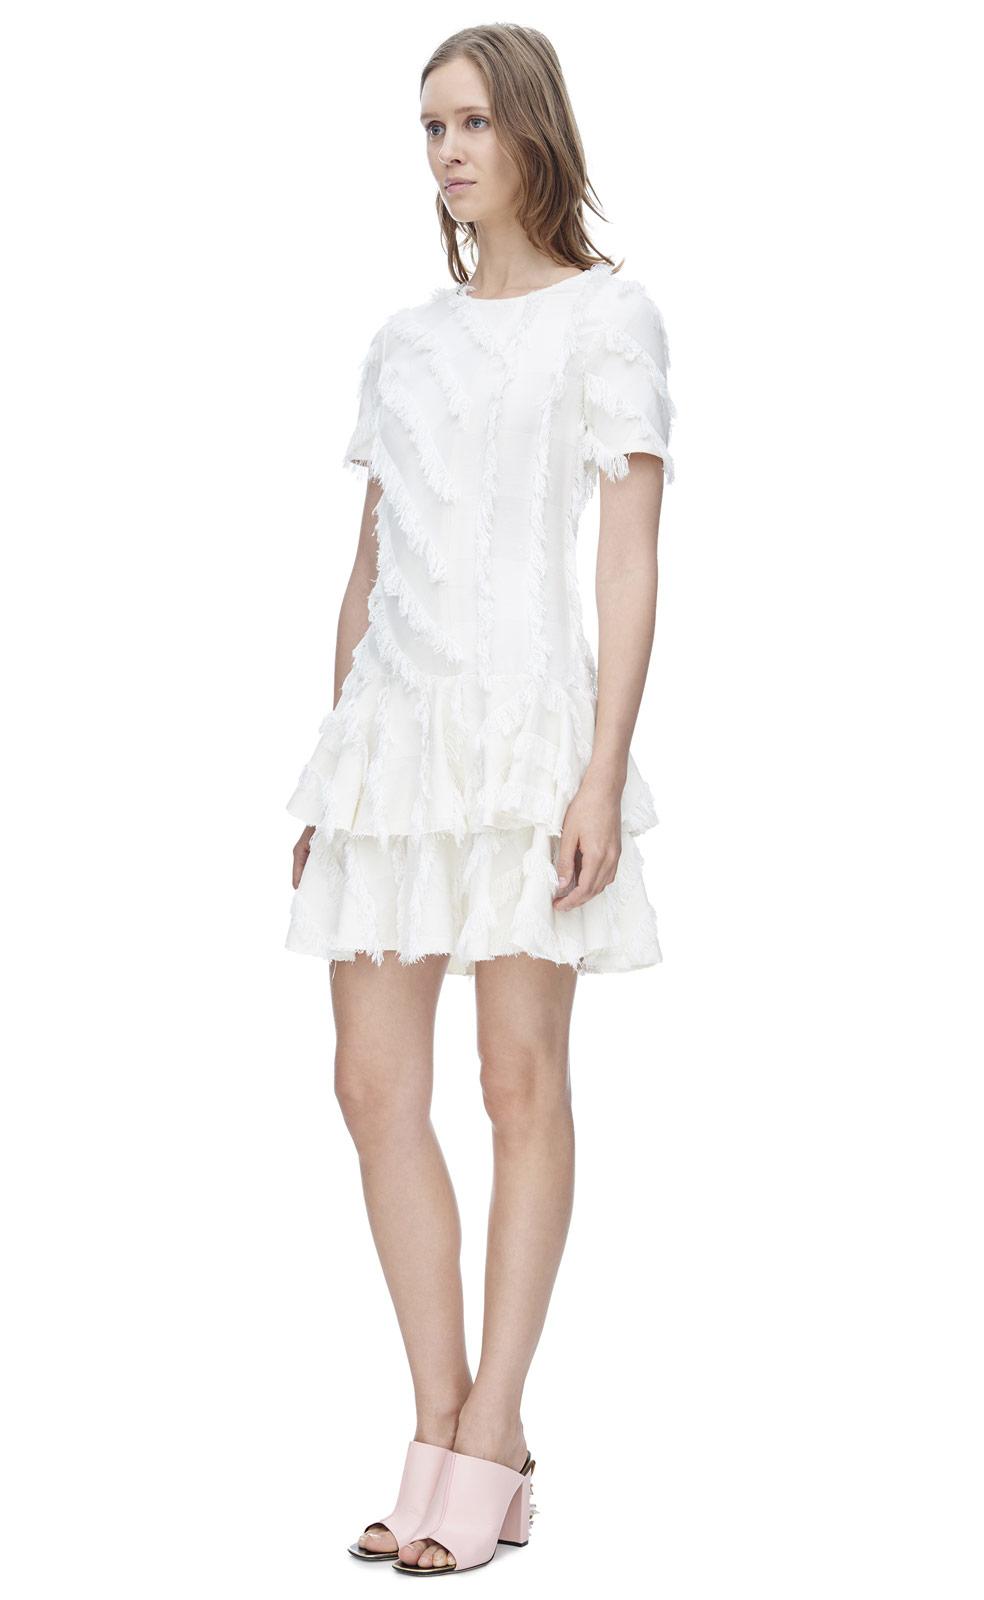 Short White Fringe Dress